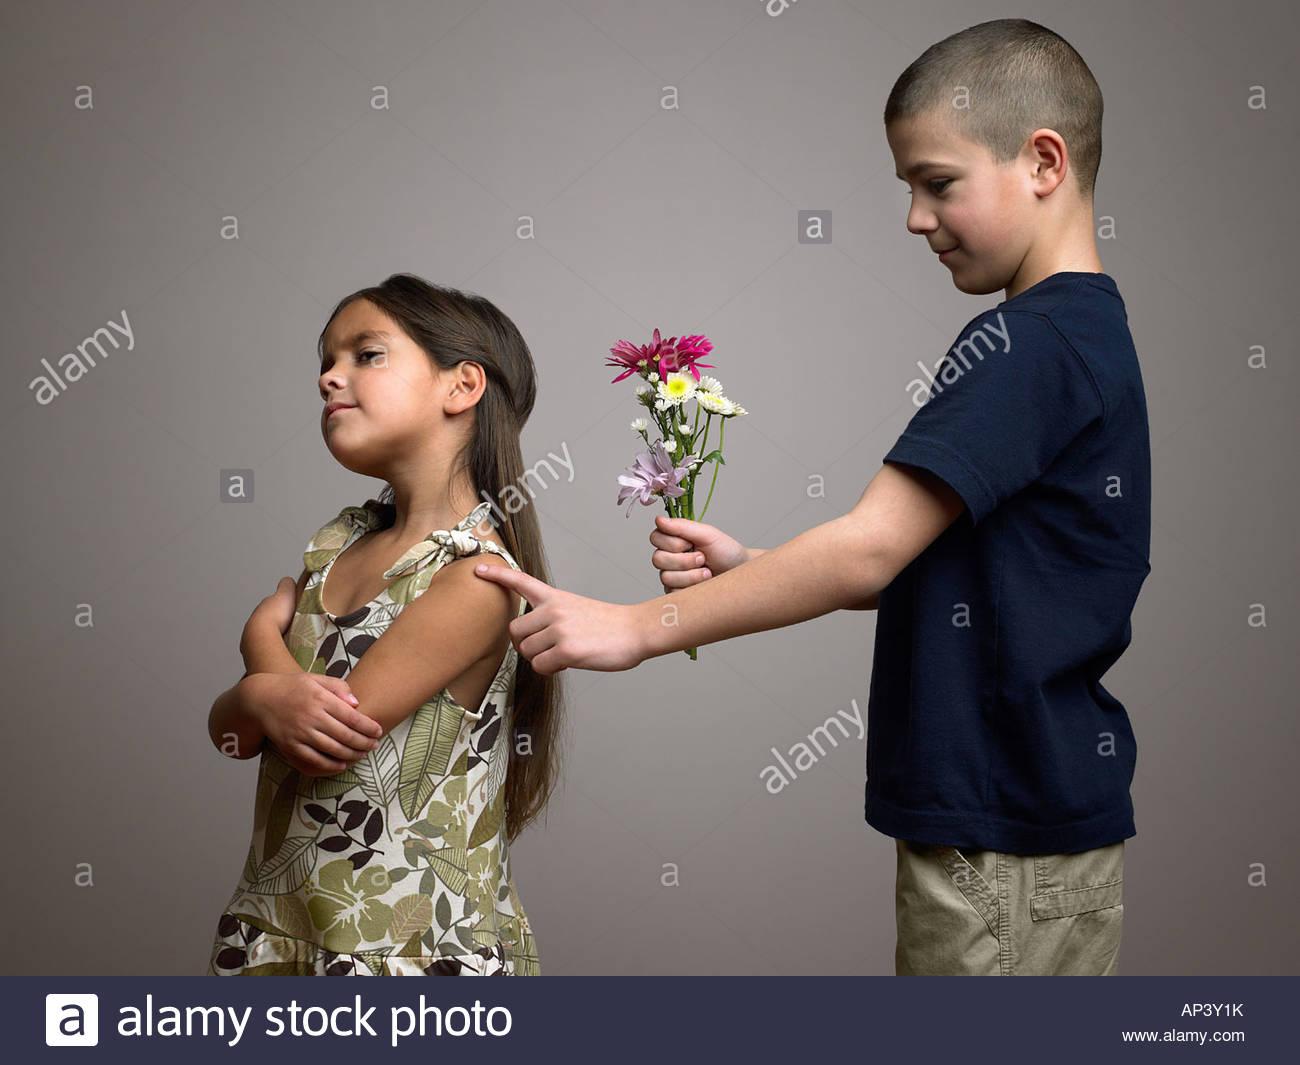 Garçon essayant de donner des fleurs à girl Photo Stock